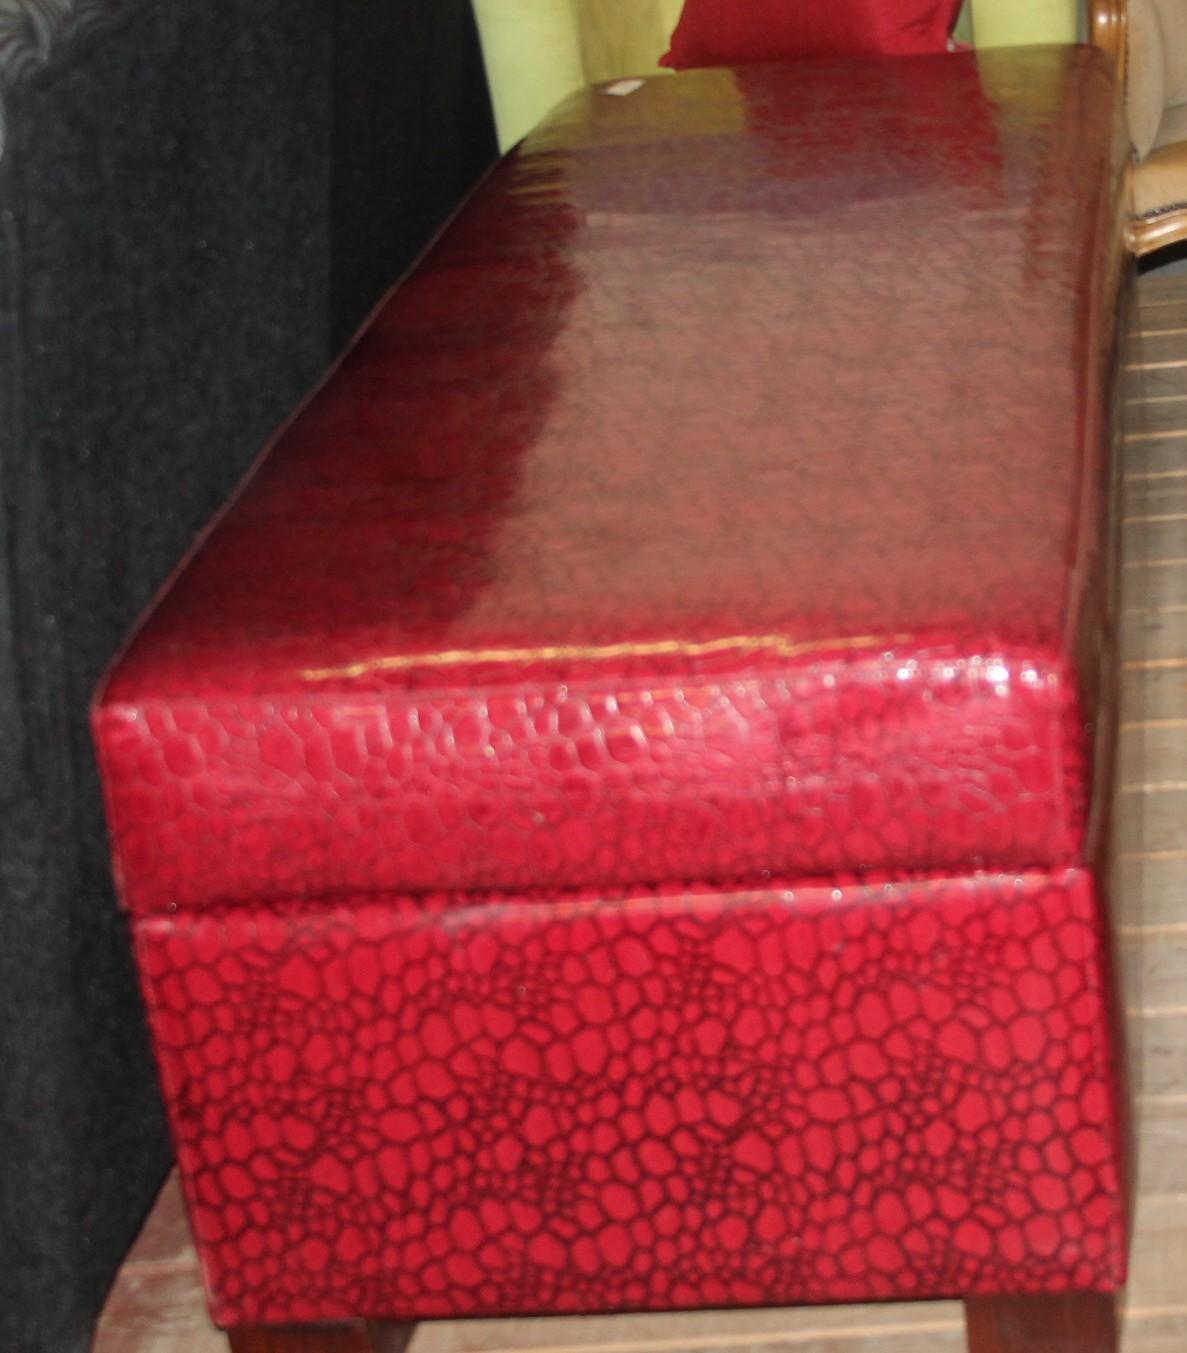 Red kist s028077a #Rosettenvillepawnshop